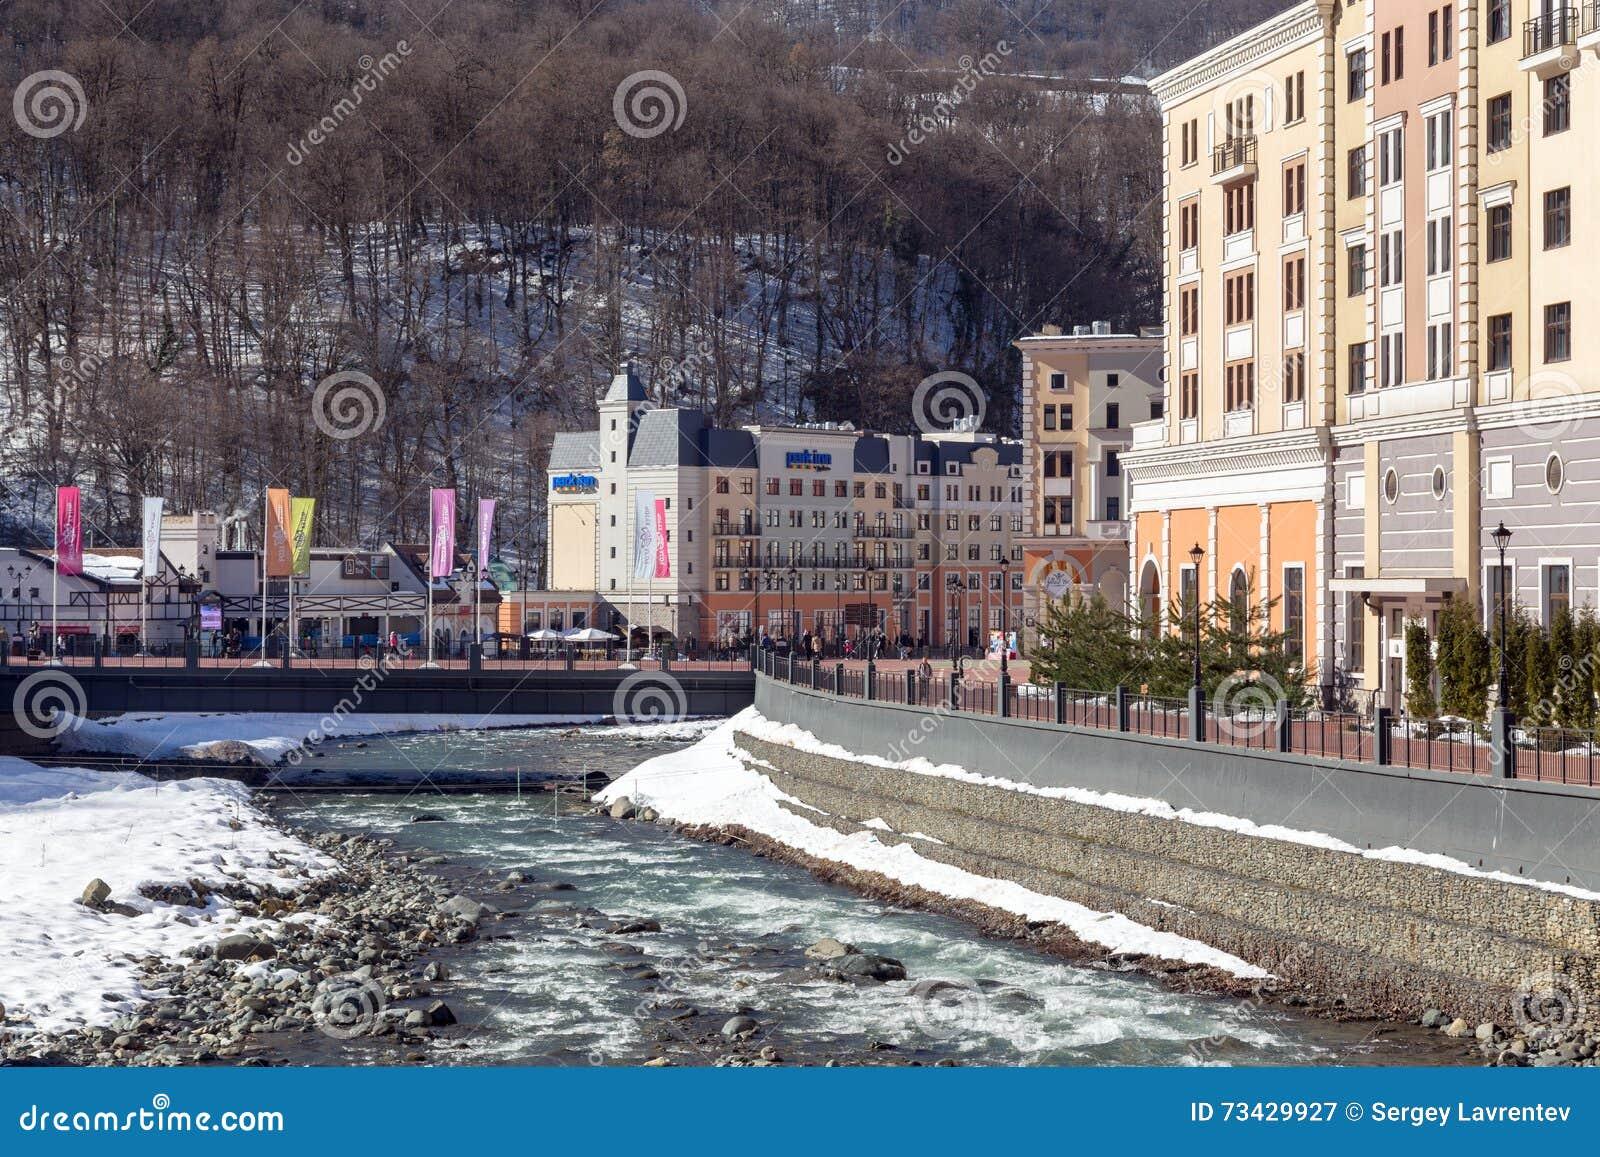 The best ski resorts of Krasnodar region 91